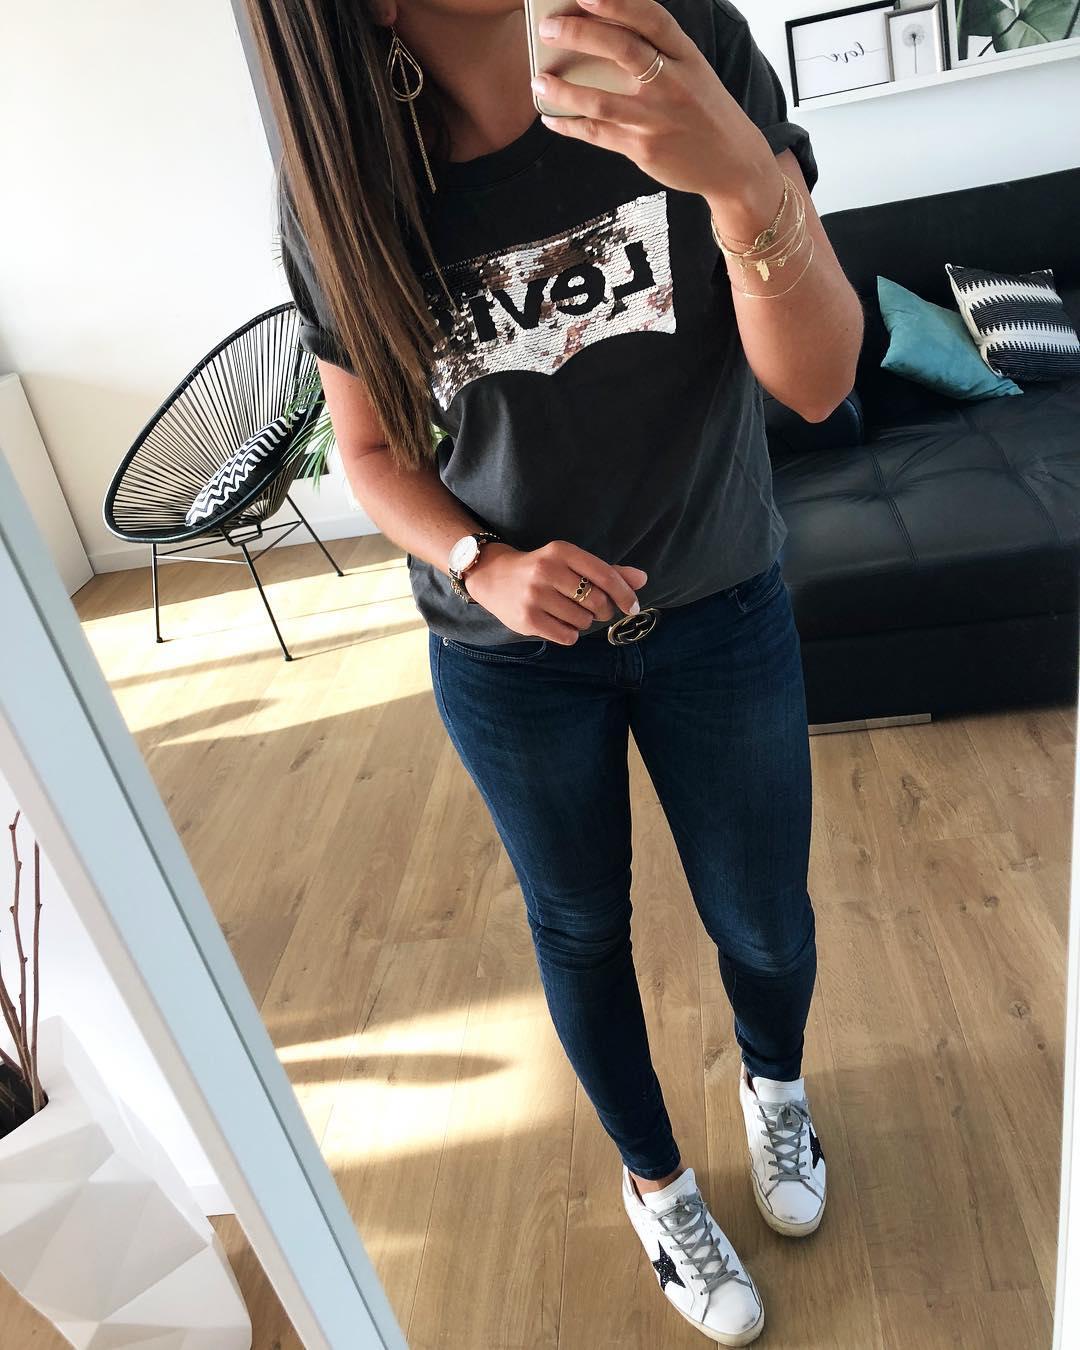 t-shirt levis noir et argent de Les Bourgeoises sur flo__ll